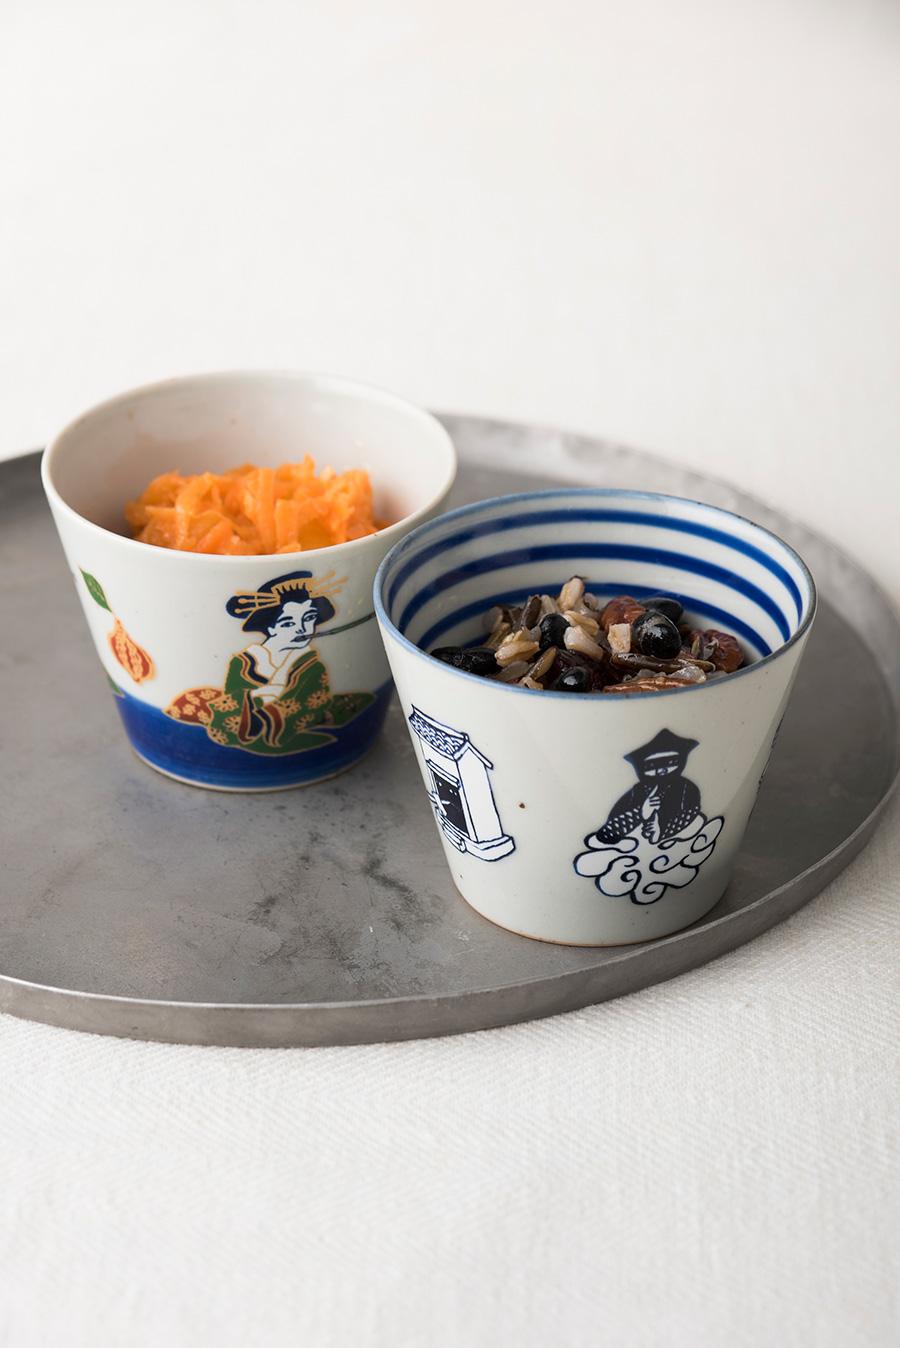 副菜の小鉢として、普段使いに。普段と少し違うお洒落な演出にぴったり。